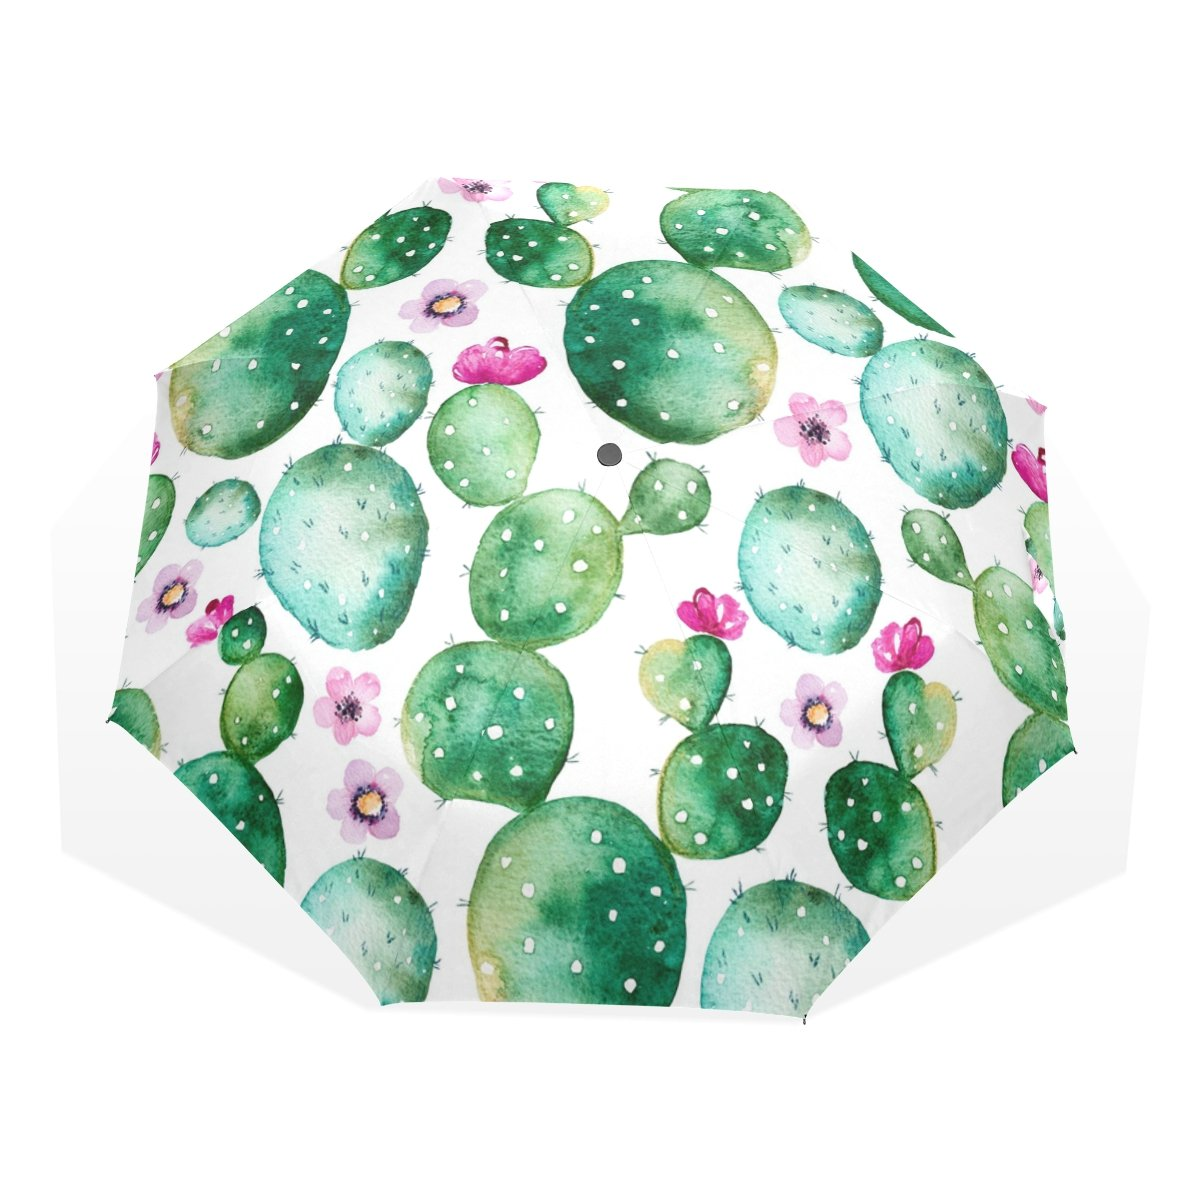 leisisi Personalizedファッション傘防風折りたたみトラベルコンパクト傘 B076ZJ89S8umbrella-1